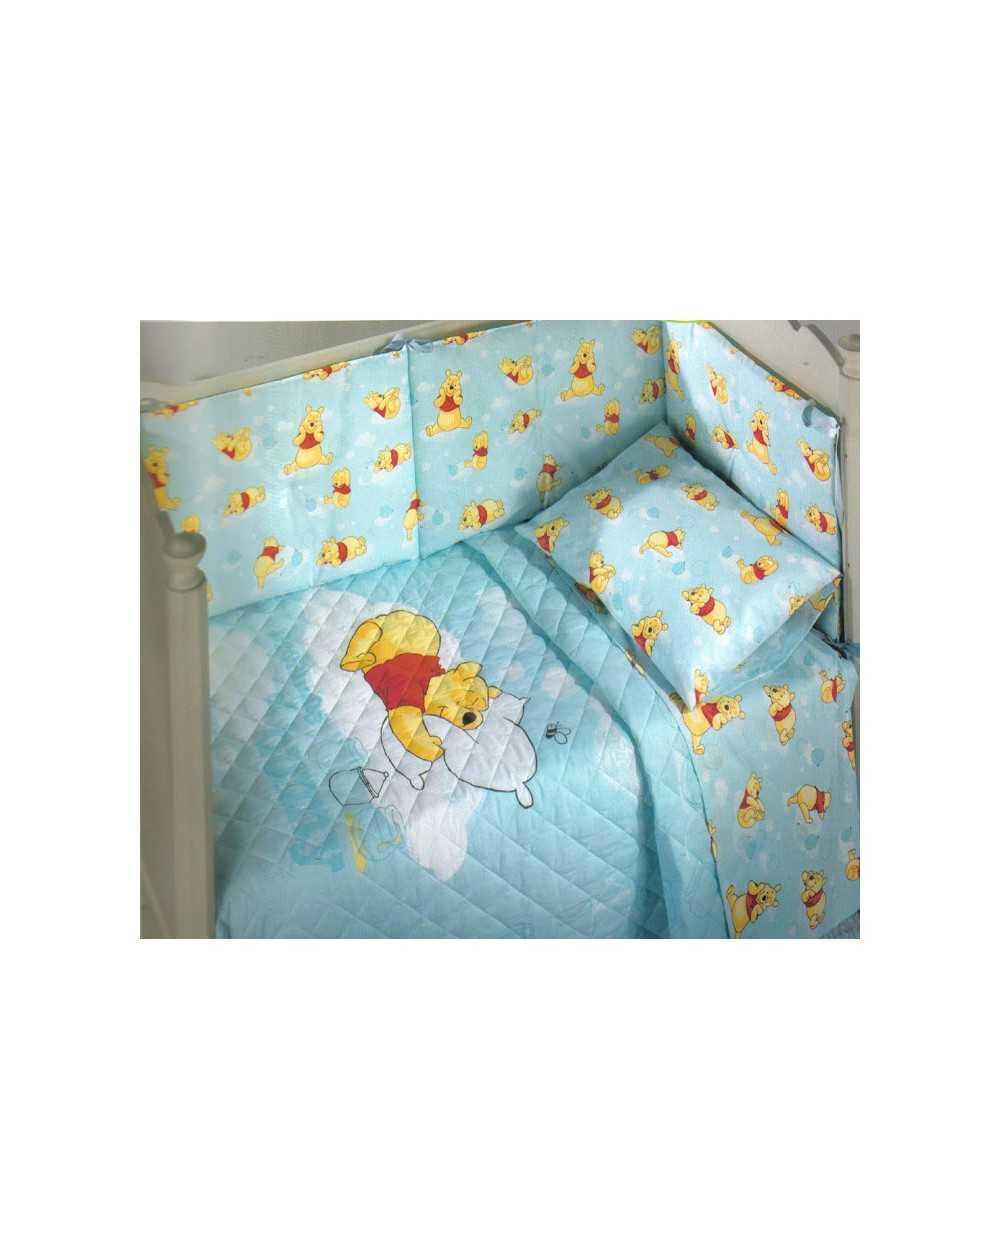 Copriletto Winnie The Pooh Caleffi.Copriletto Trapuntino Paracolpi Winnie The Pooh Buonanotte Acqua Caleffi Disney